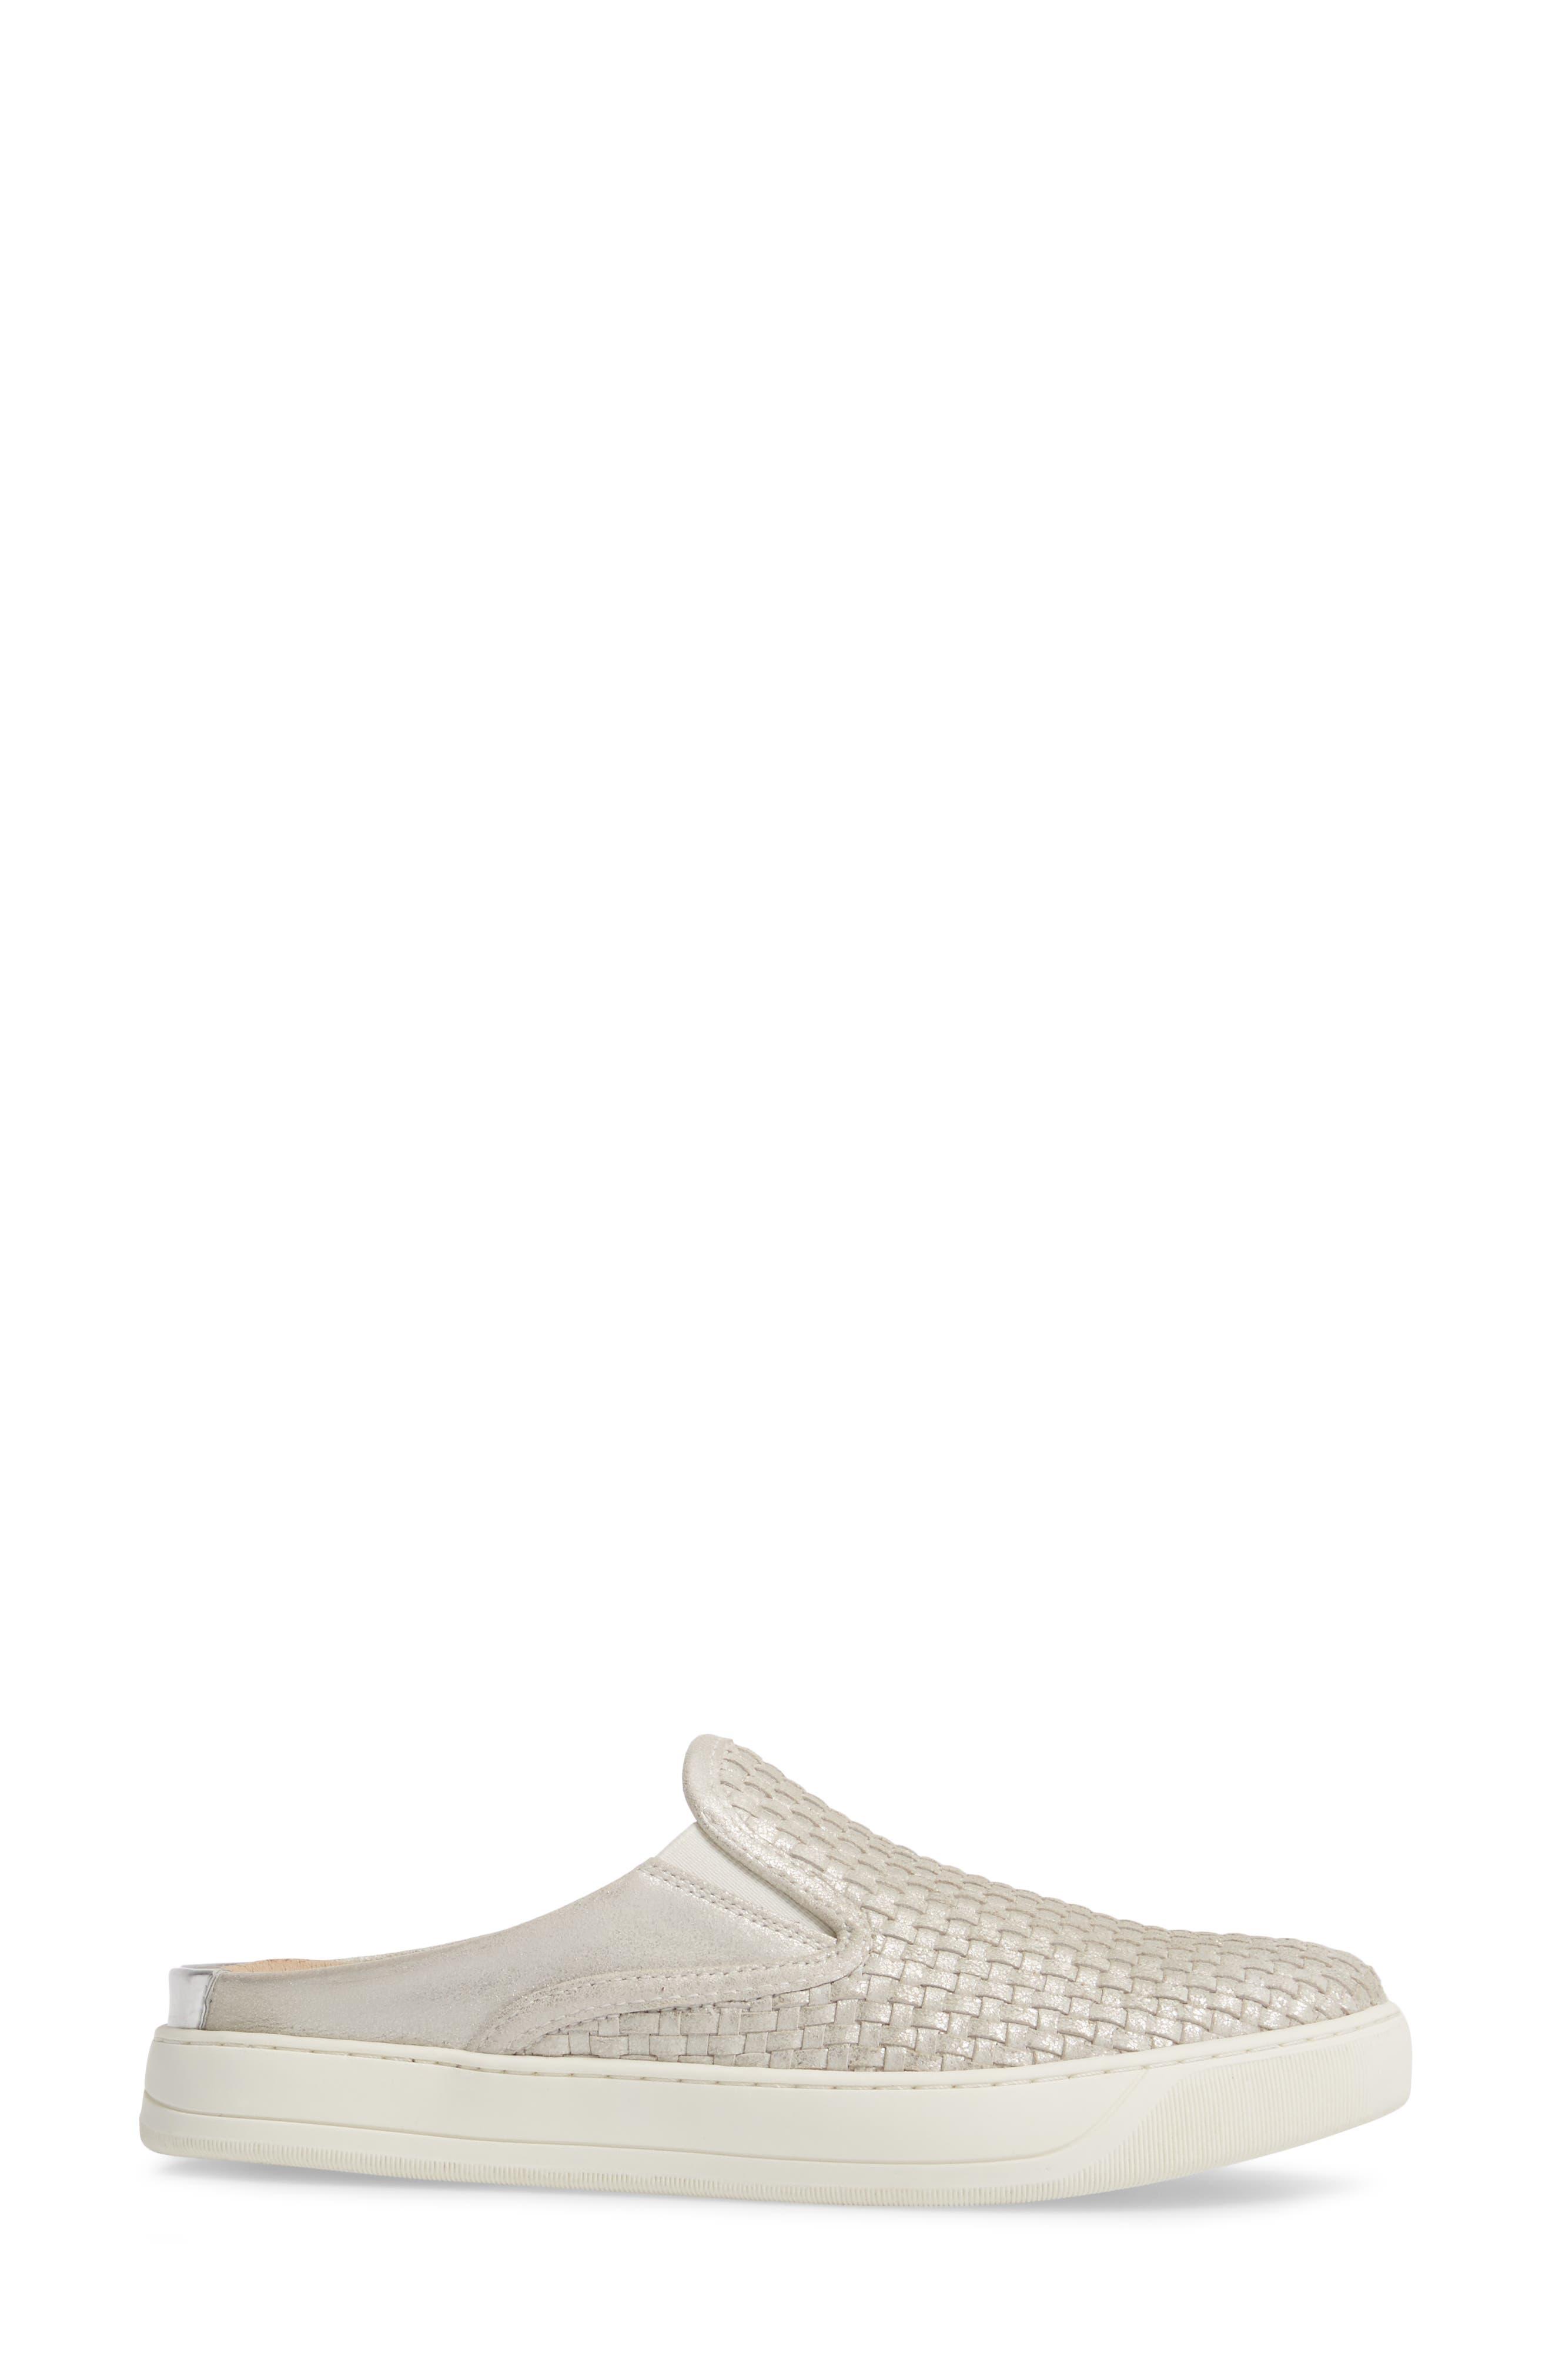 Evie Slip-On Sneaker,                             Alternate thumbnail 3, color,                             ICE LEATHER